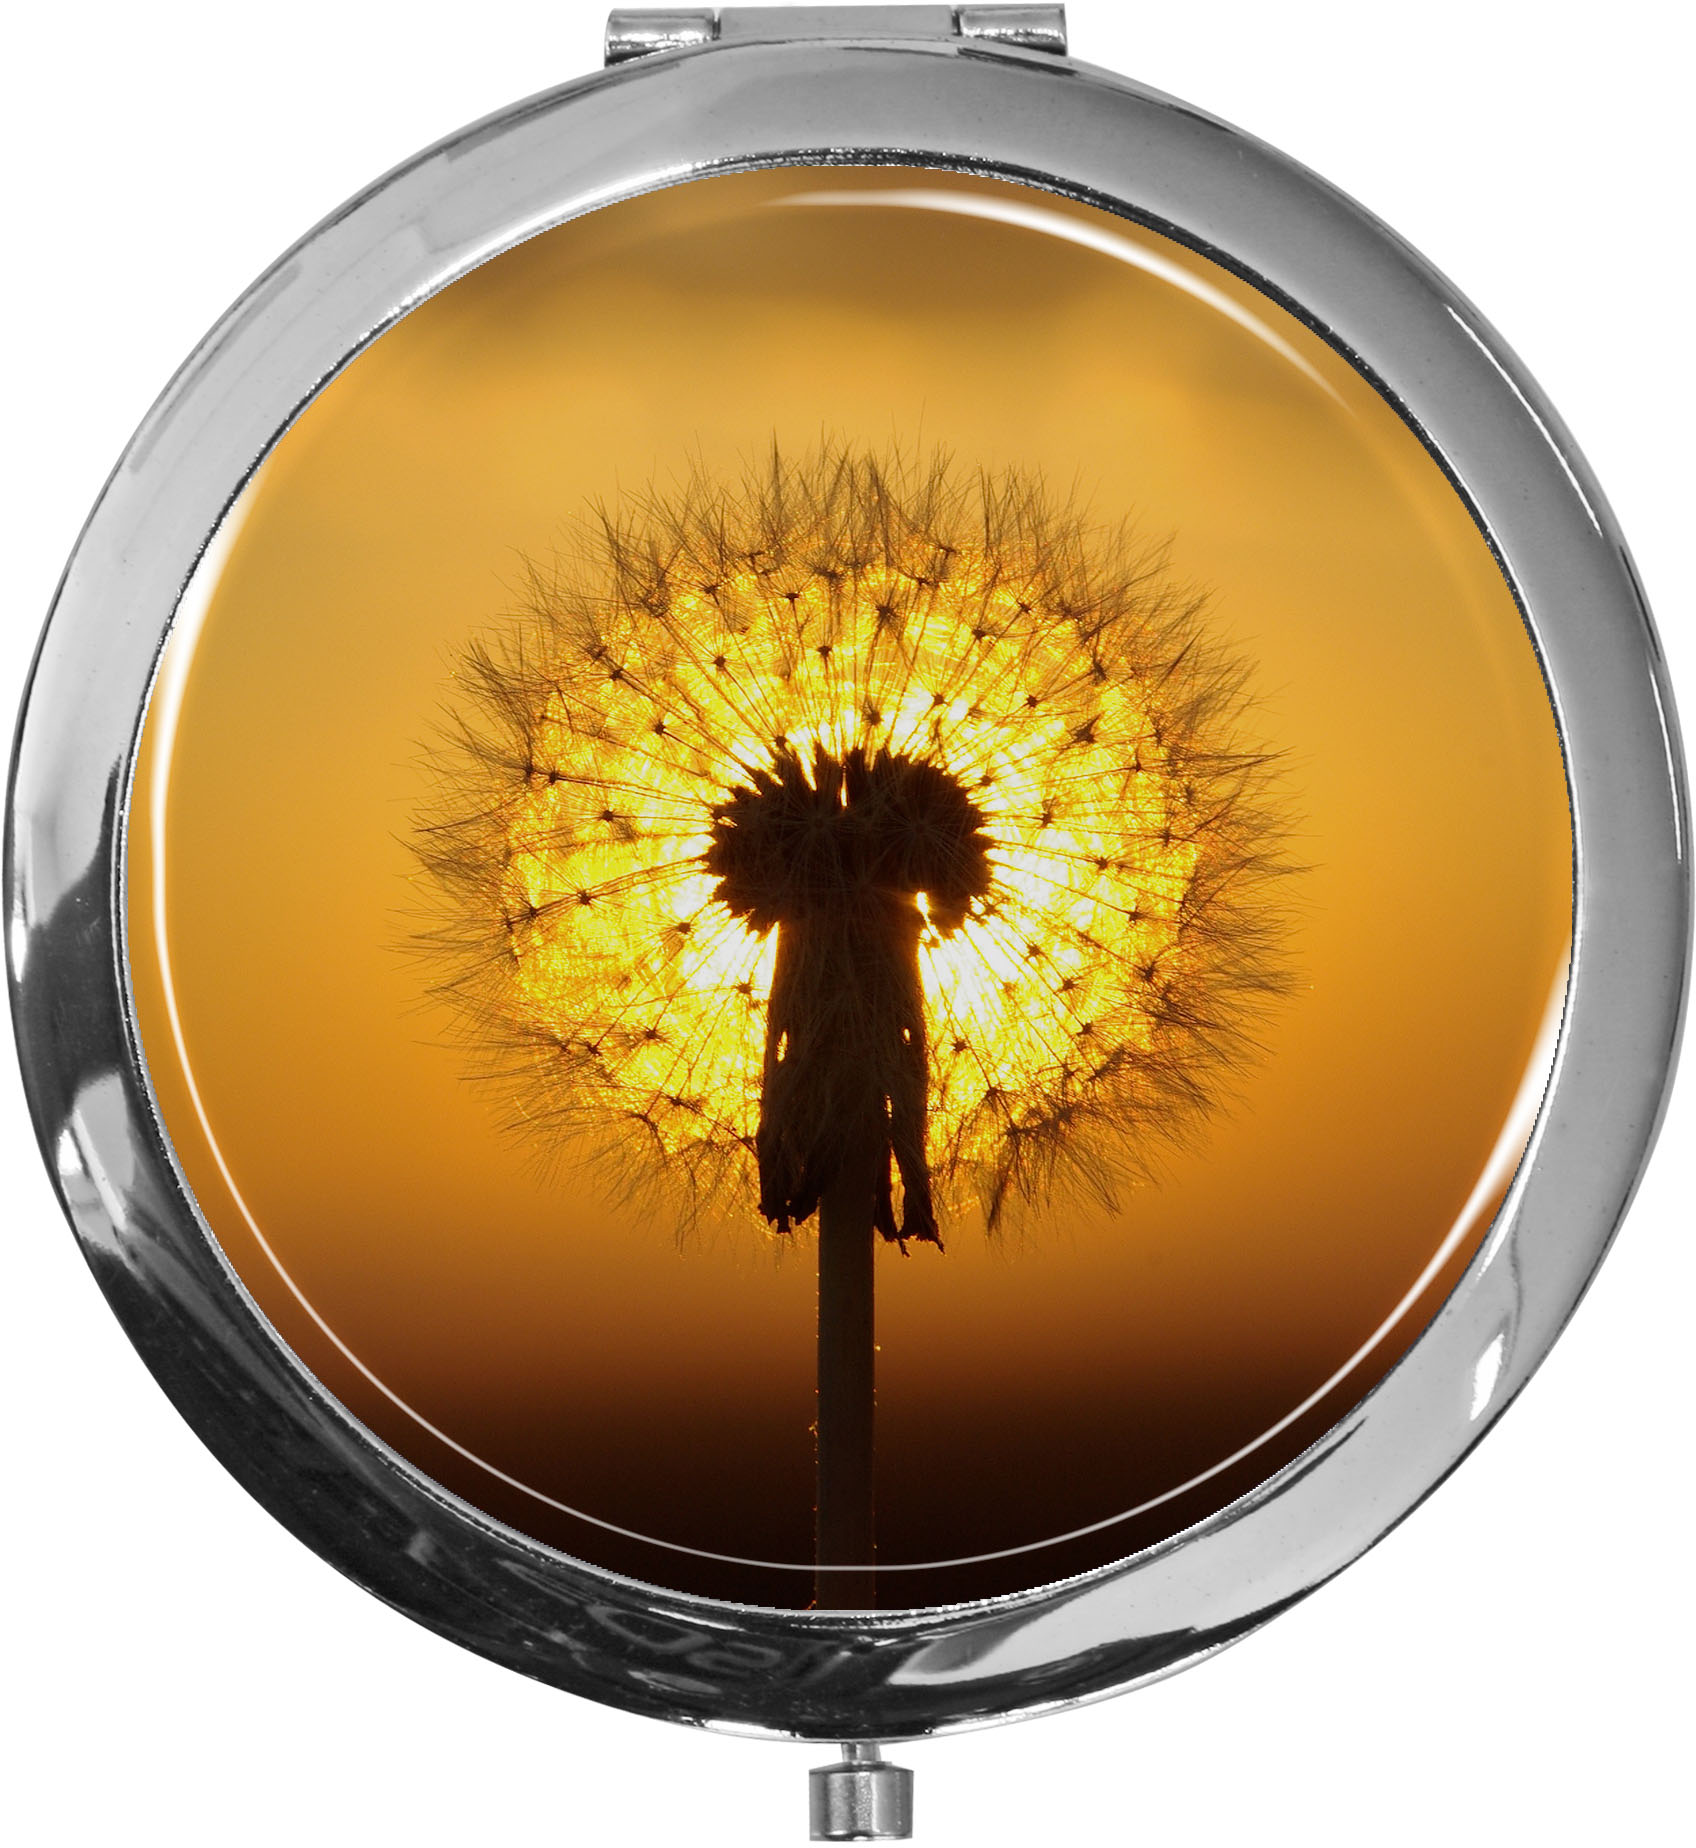 Taschenspiegel / Spiegel / Pusteblume / 2 fache Vergrößerung